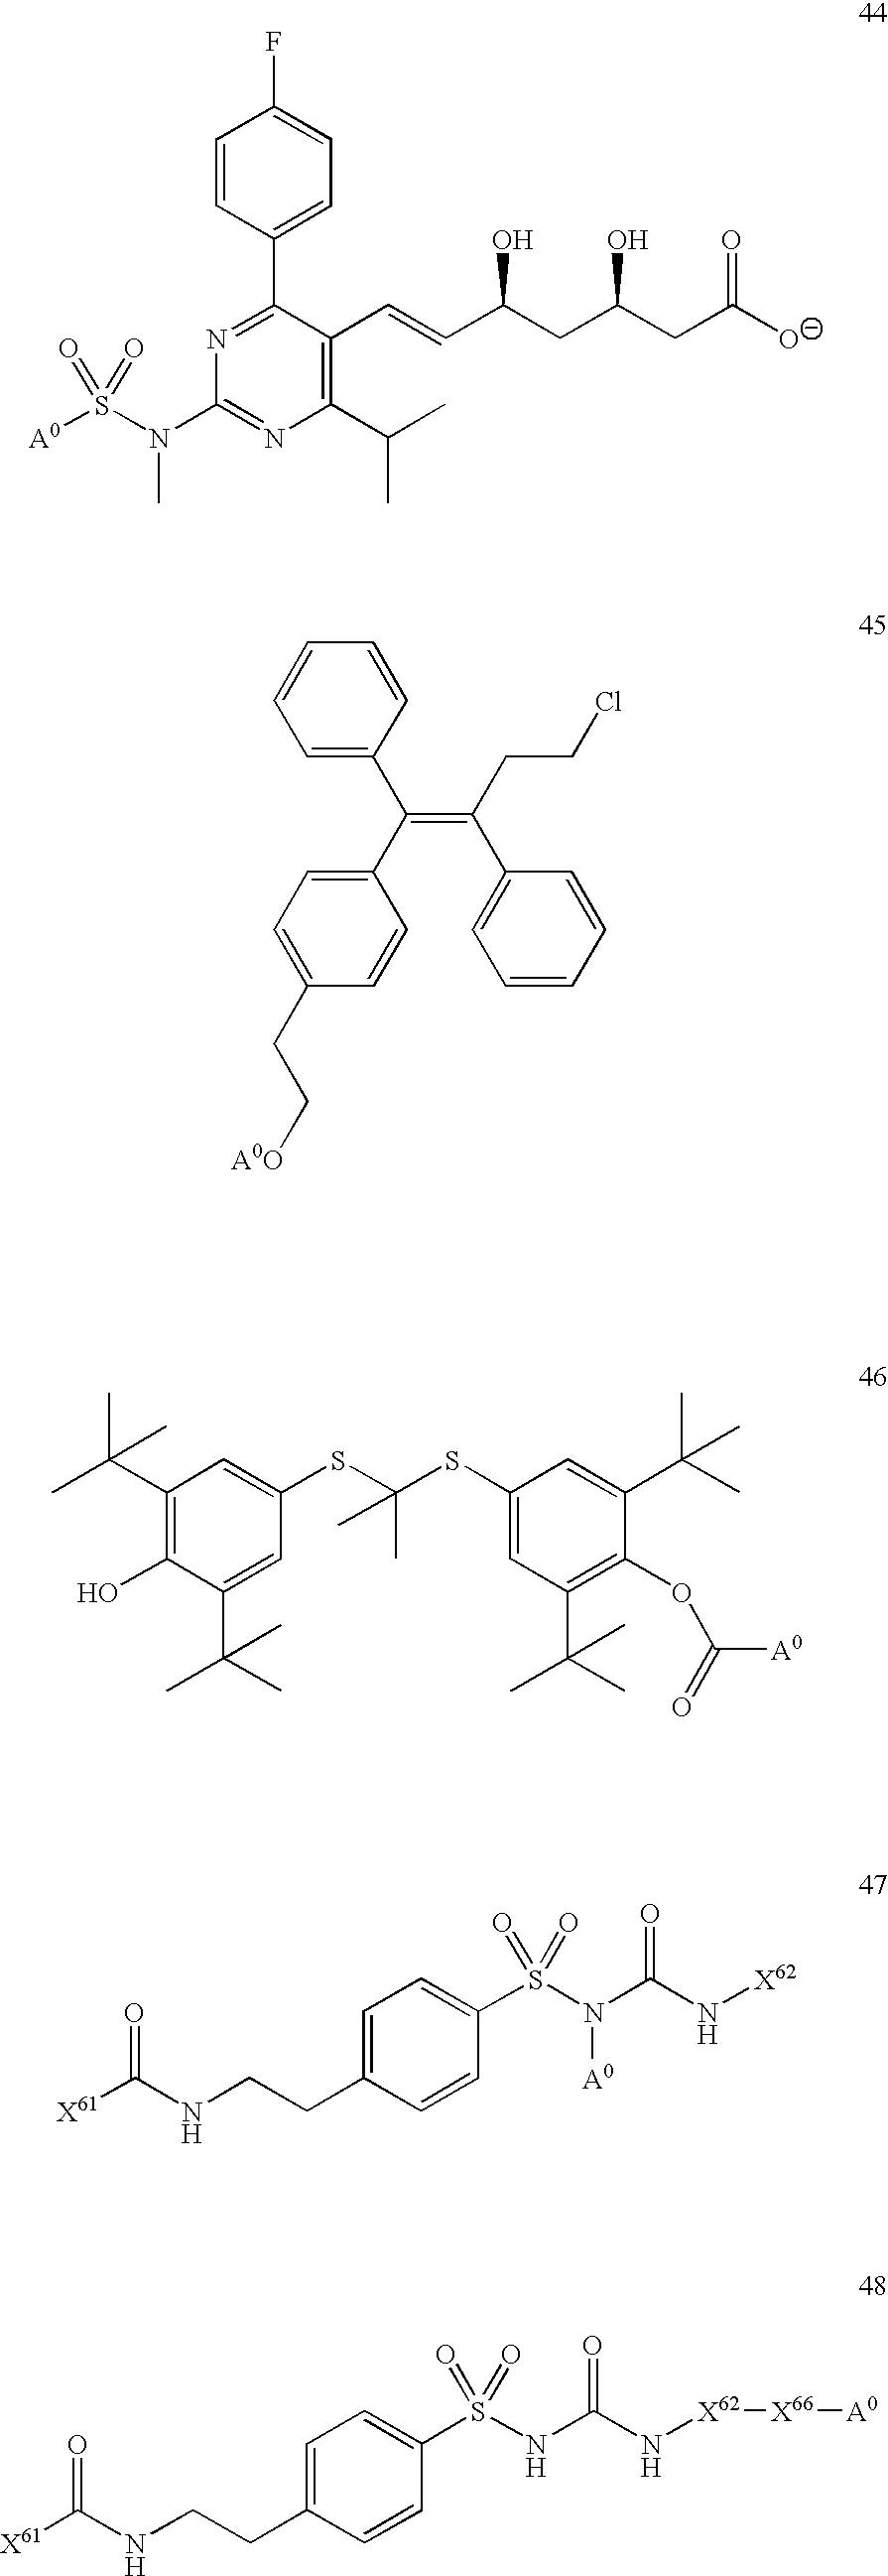 Figure US07407965-20080805-C00019